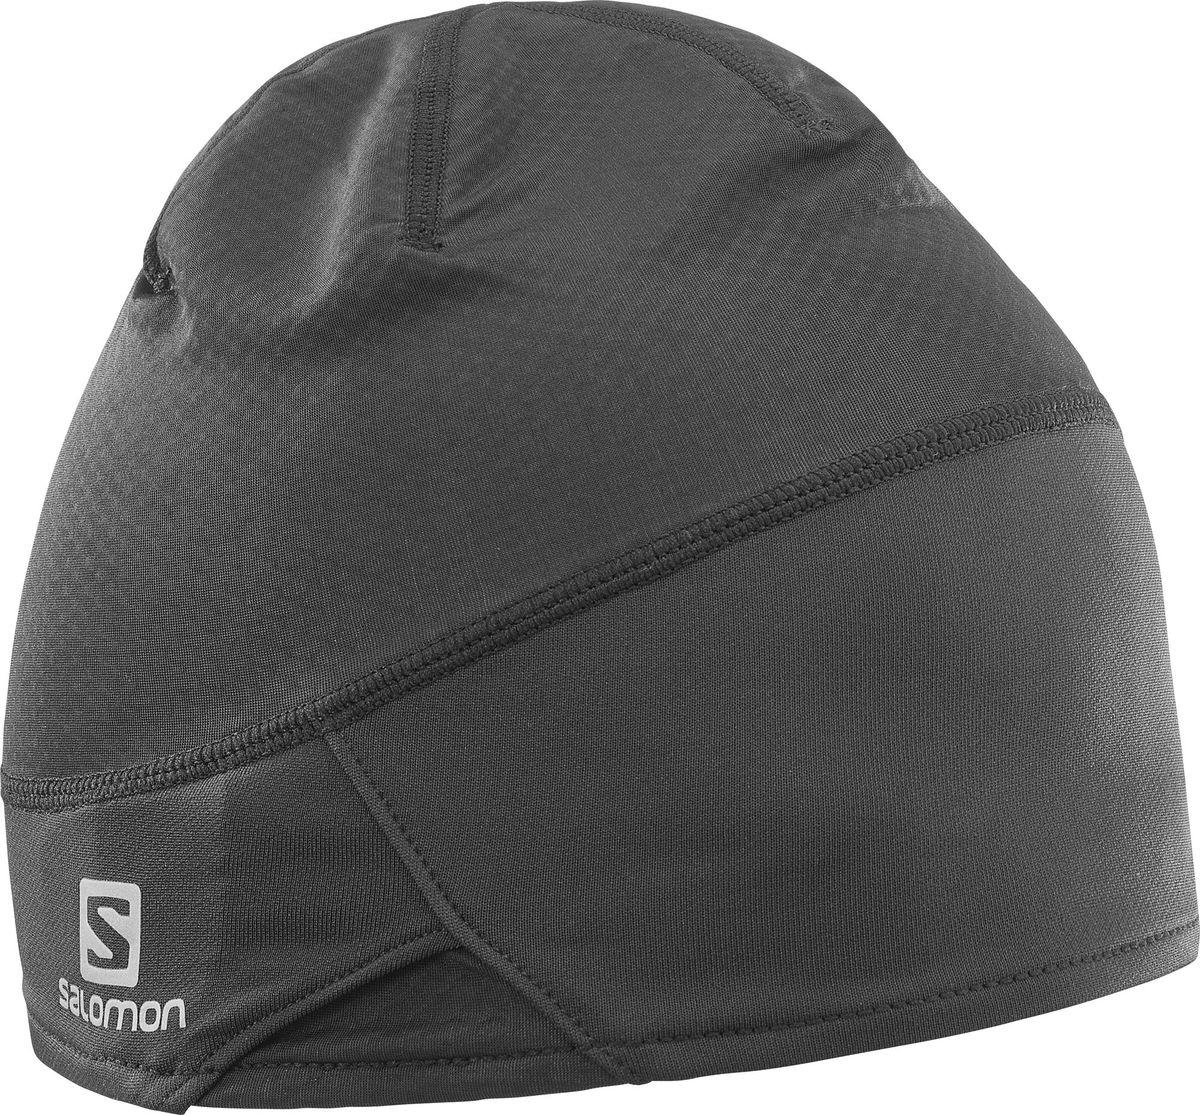 Шапка Salomon RS PRO Beanie, цвет: черный. L39491200. Размер S/ML39491200Шапка RS PRO BEANIE подходит тем, кто всегда требует большего — не только от себя, но и от своей зимней экипировки. Легкий материал AdvancedSkin ActiveDry в сочетании со впитывающей банданой AdvancedSkin Warm защищает от пота, сохраняя сухость и комфорт во время гонки или интенсивной тренировки.